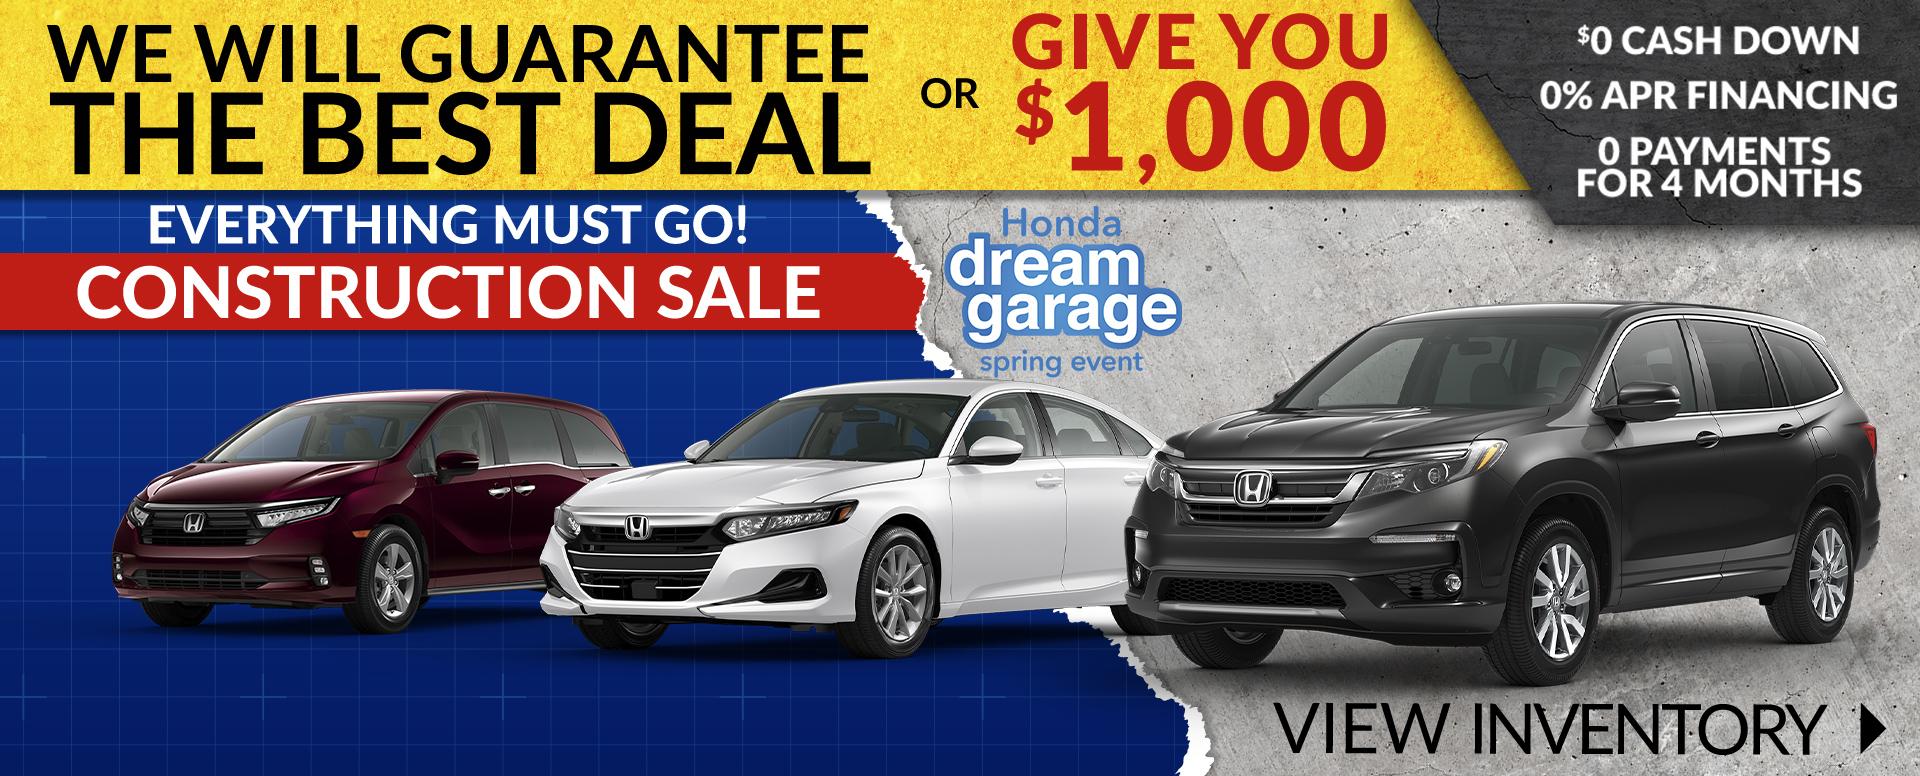 Honda triple zero Offer